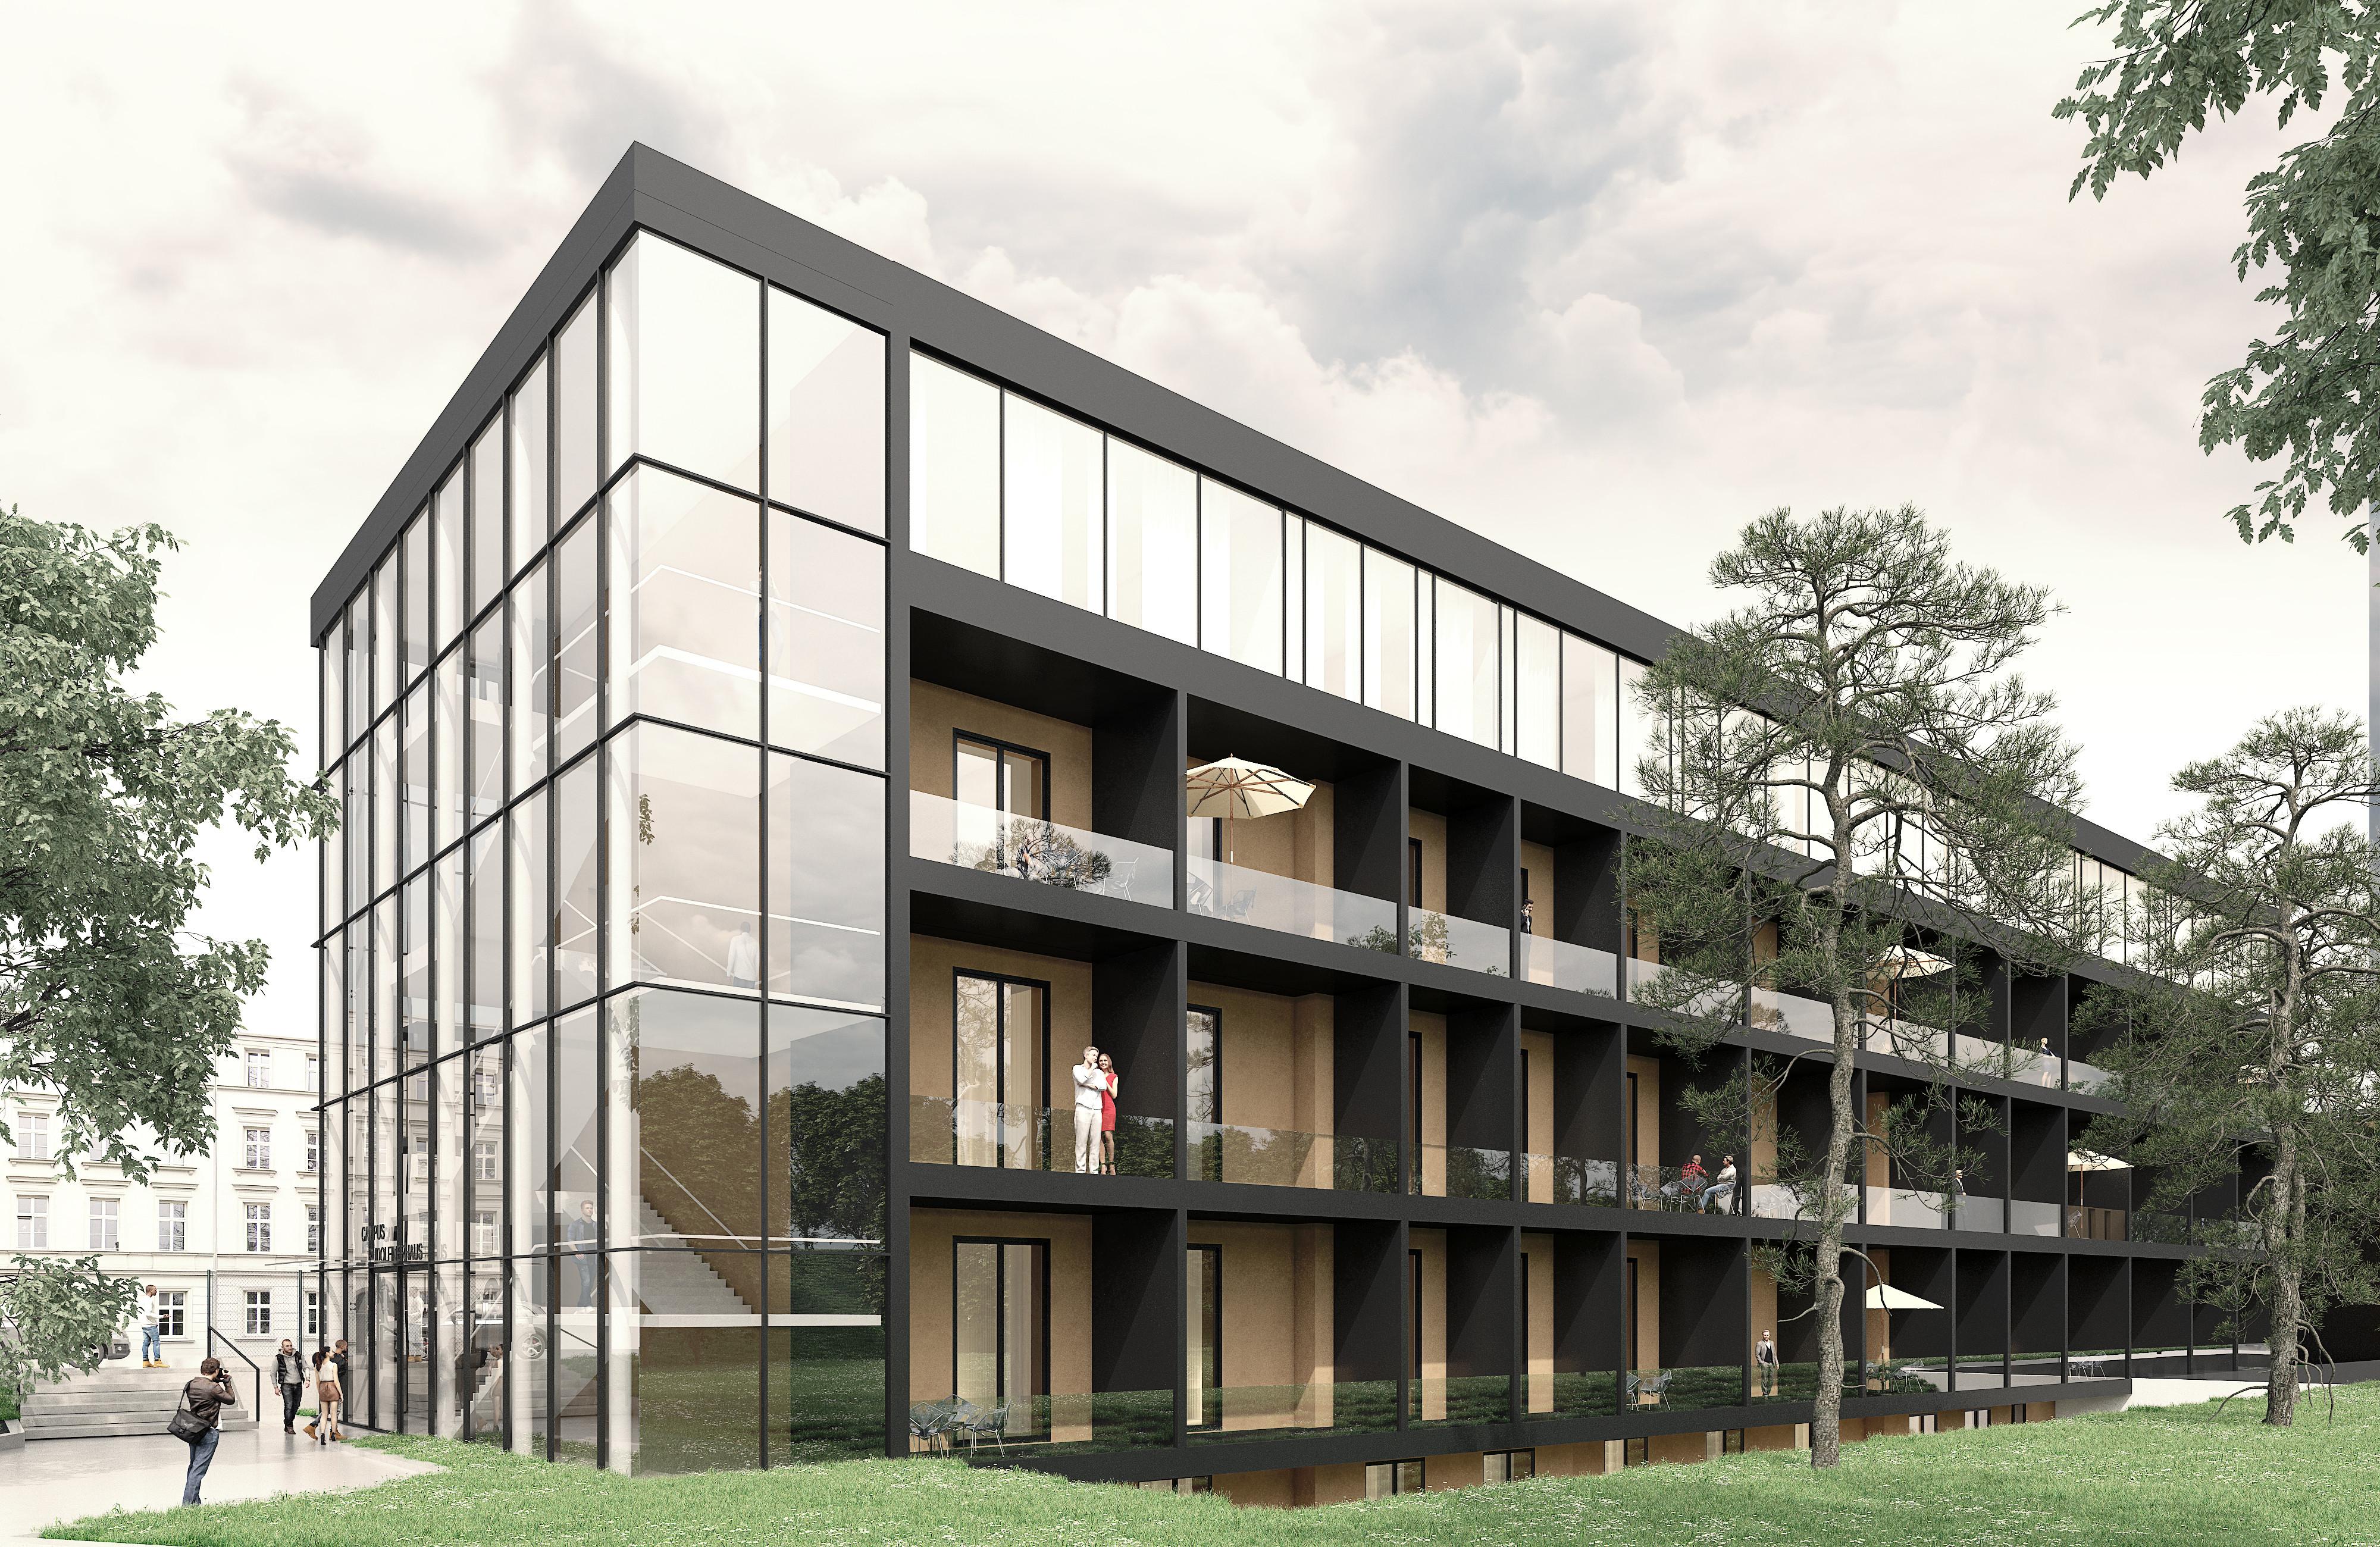 © RUNSER / PRANTL architekten, Krankenhaus Rudolfinerhaus Adaptierung und Erweiterung, 1190 Wien, Österreich, geladener Wettbewerb, 2017, Spital, Krankenhaus, Schule